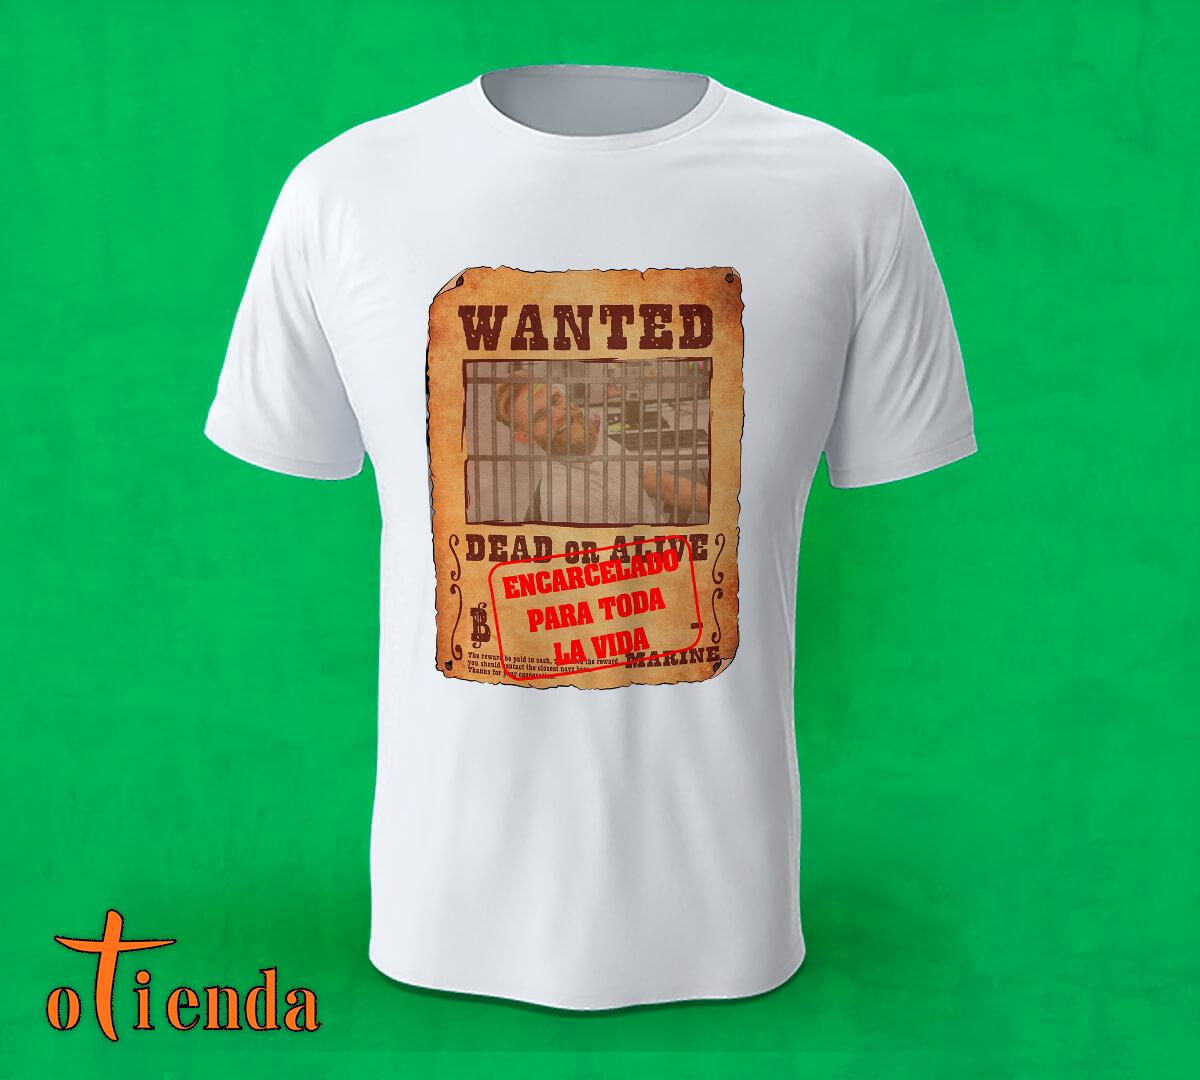 Camiseta Despedida de Soltero/a personalizada